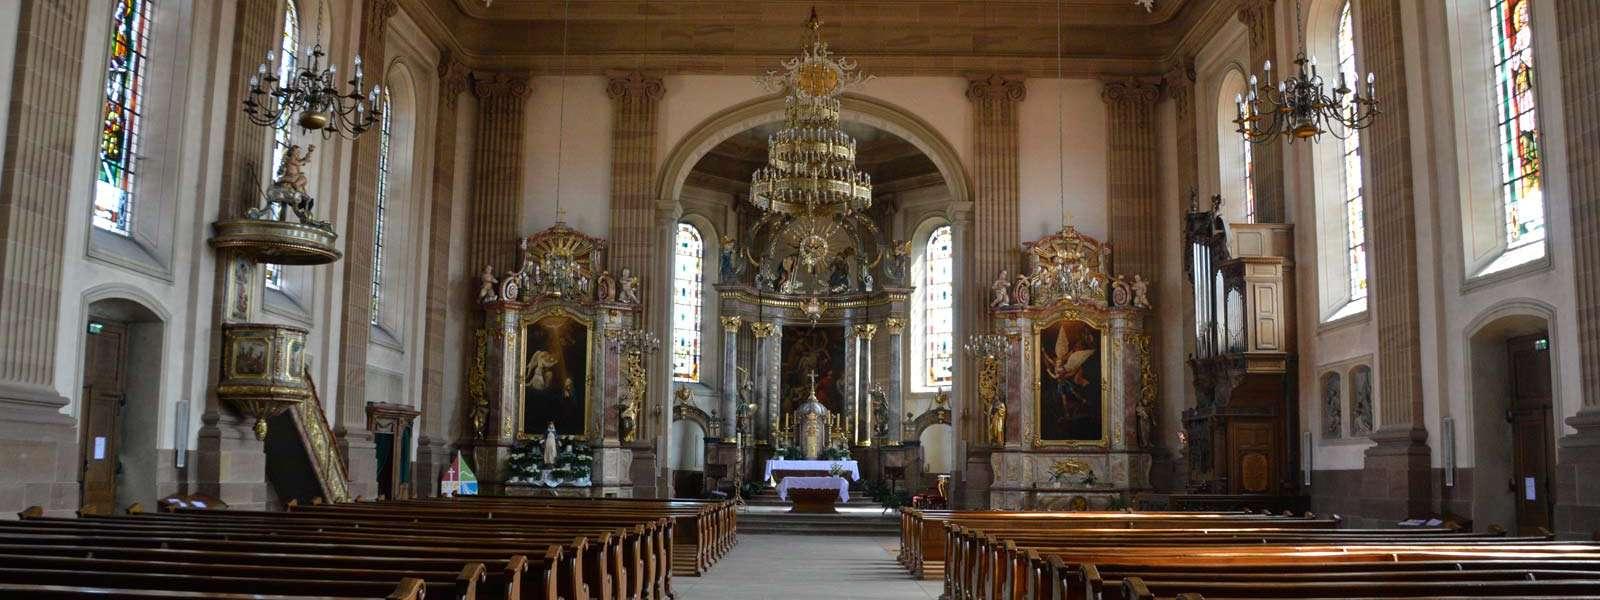 Eglise St Michel, Reichshoffen